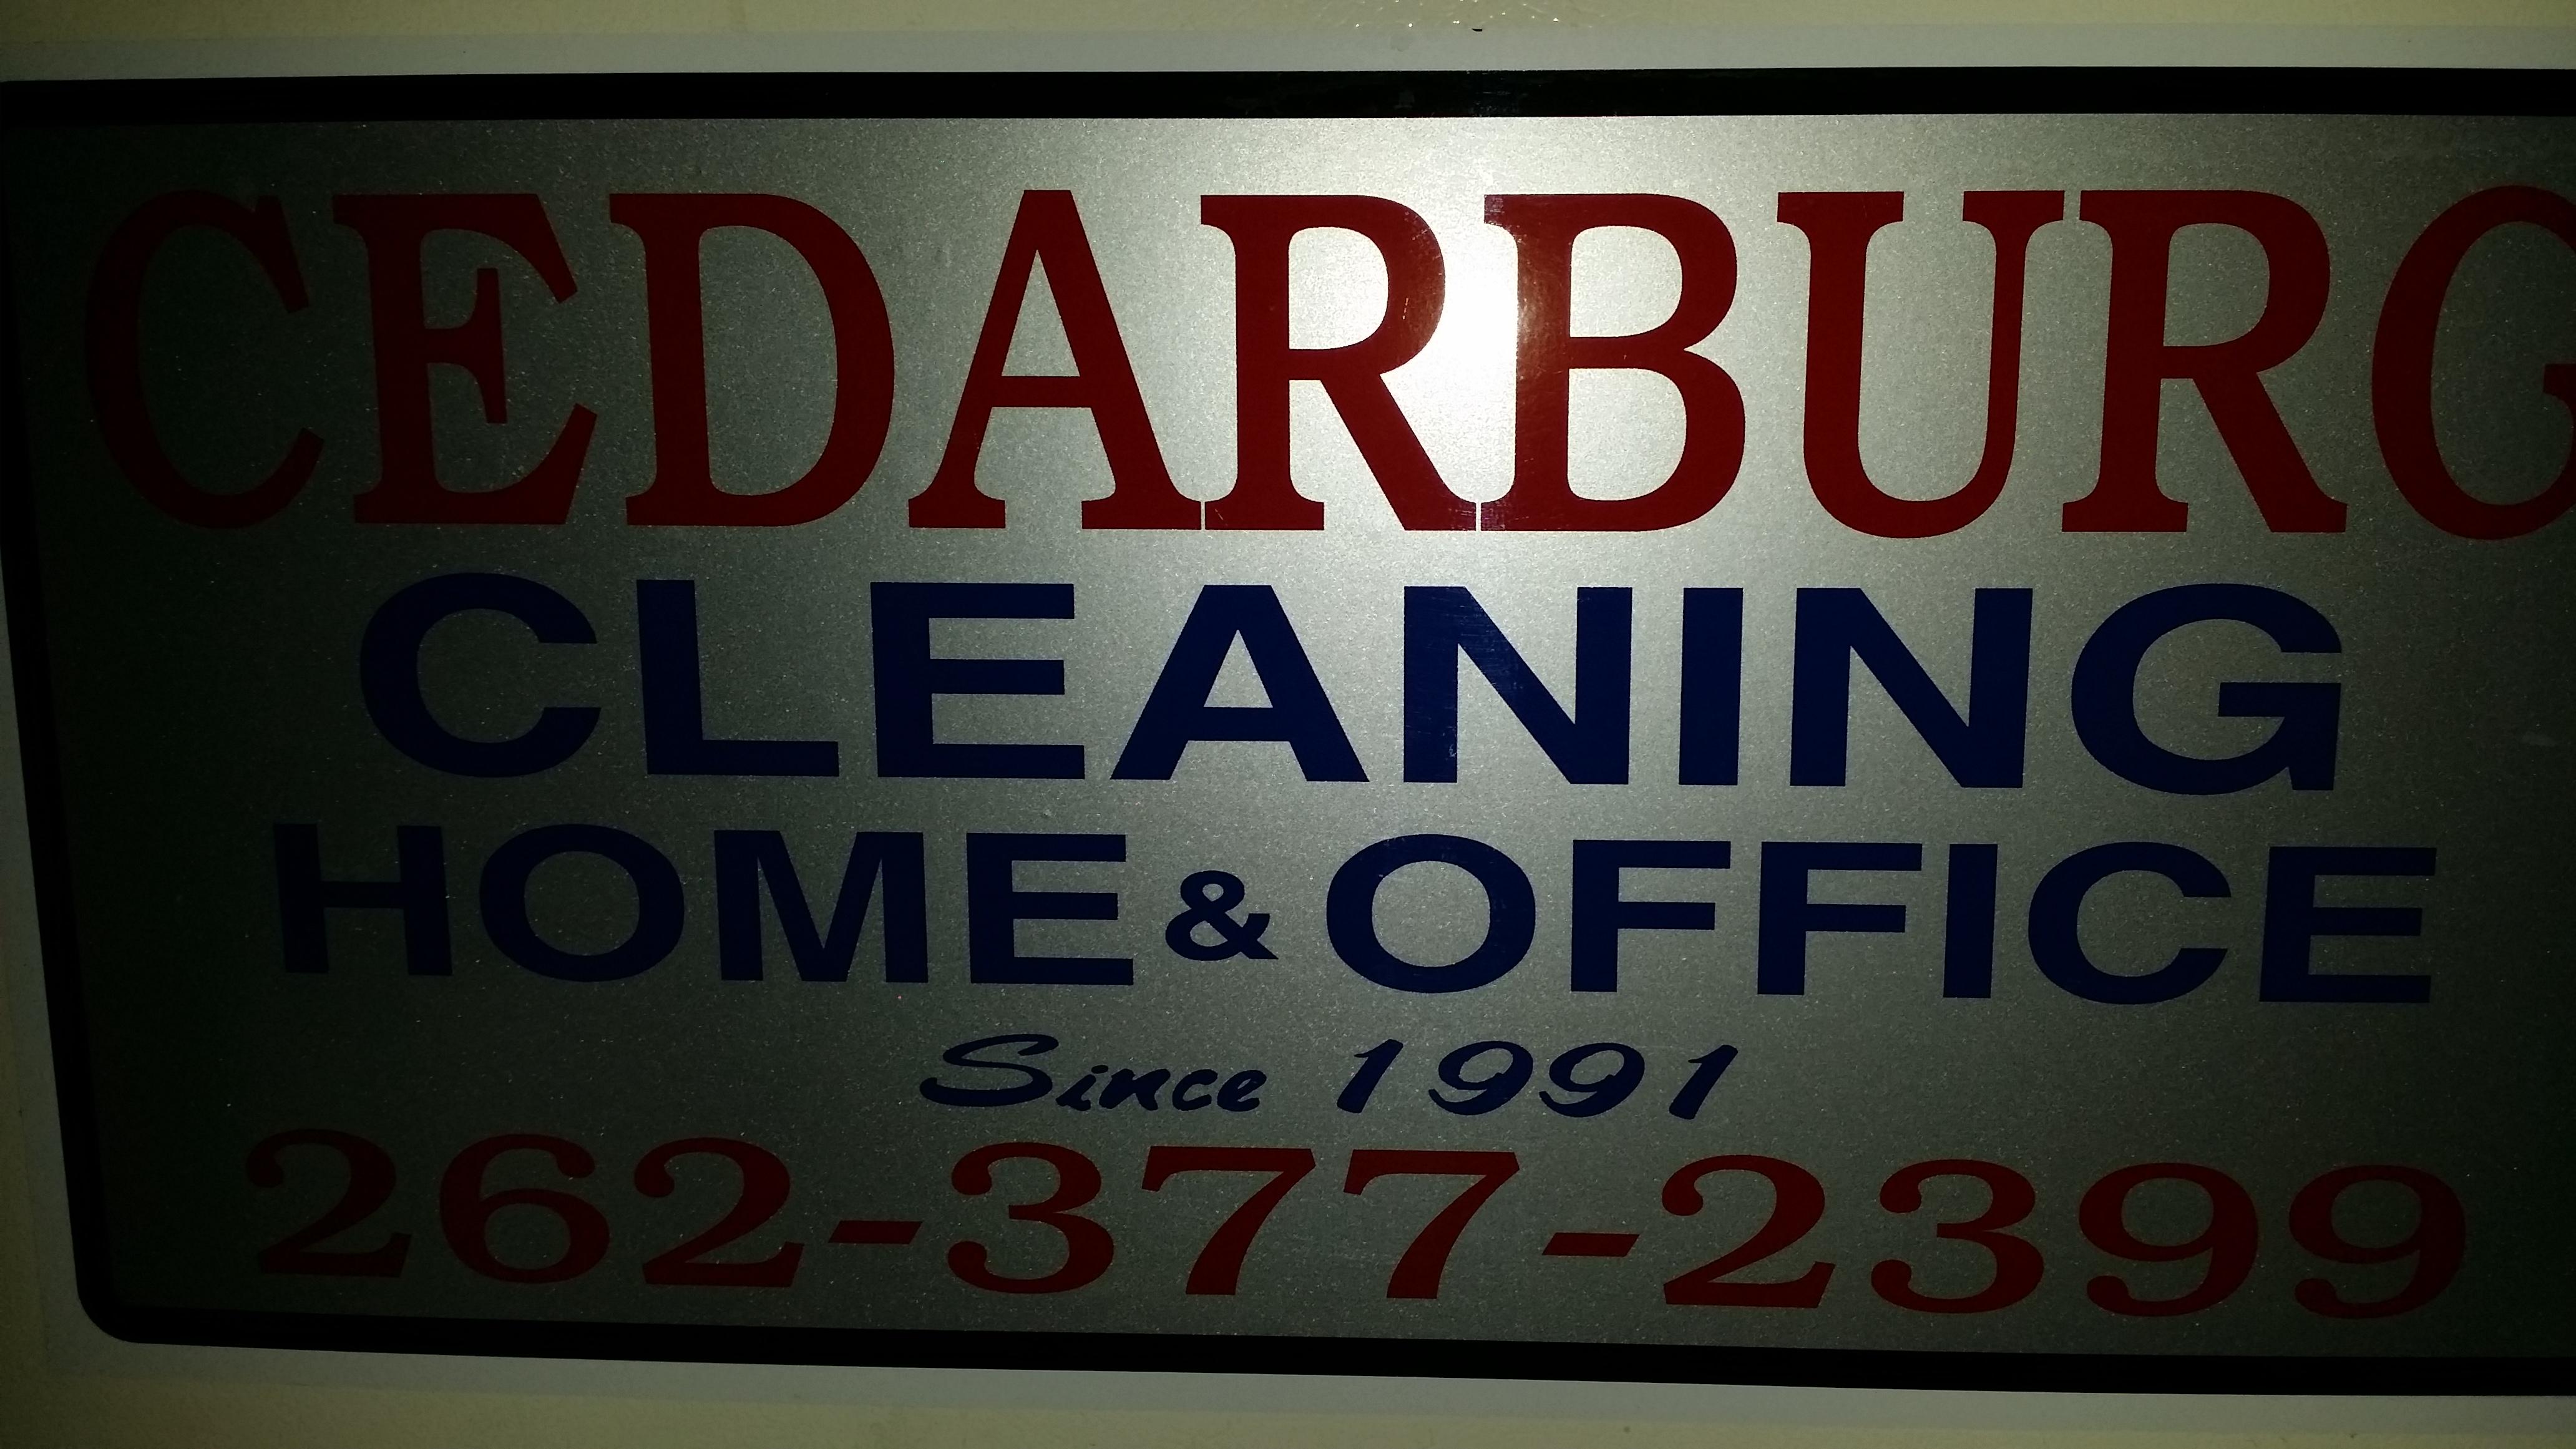 Cedarburg Cleaning